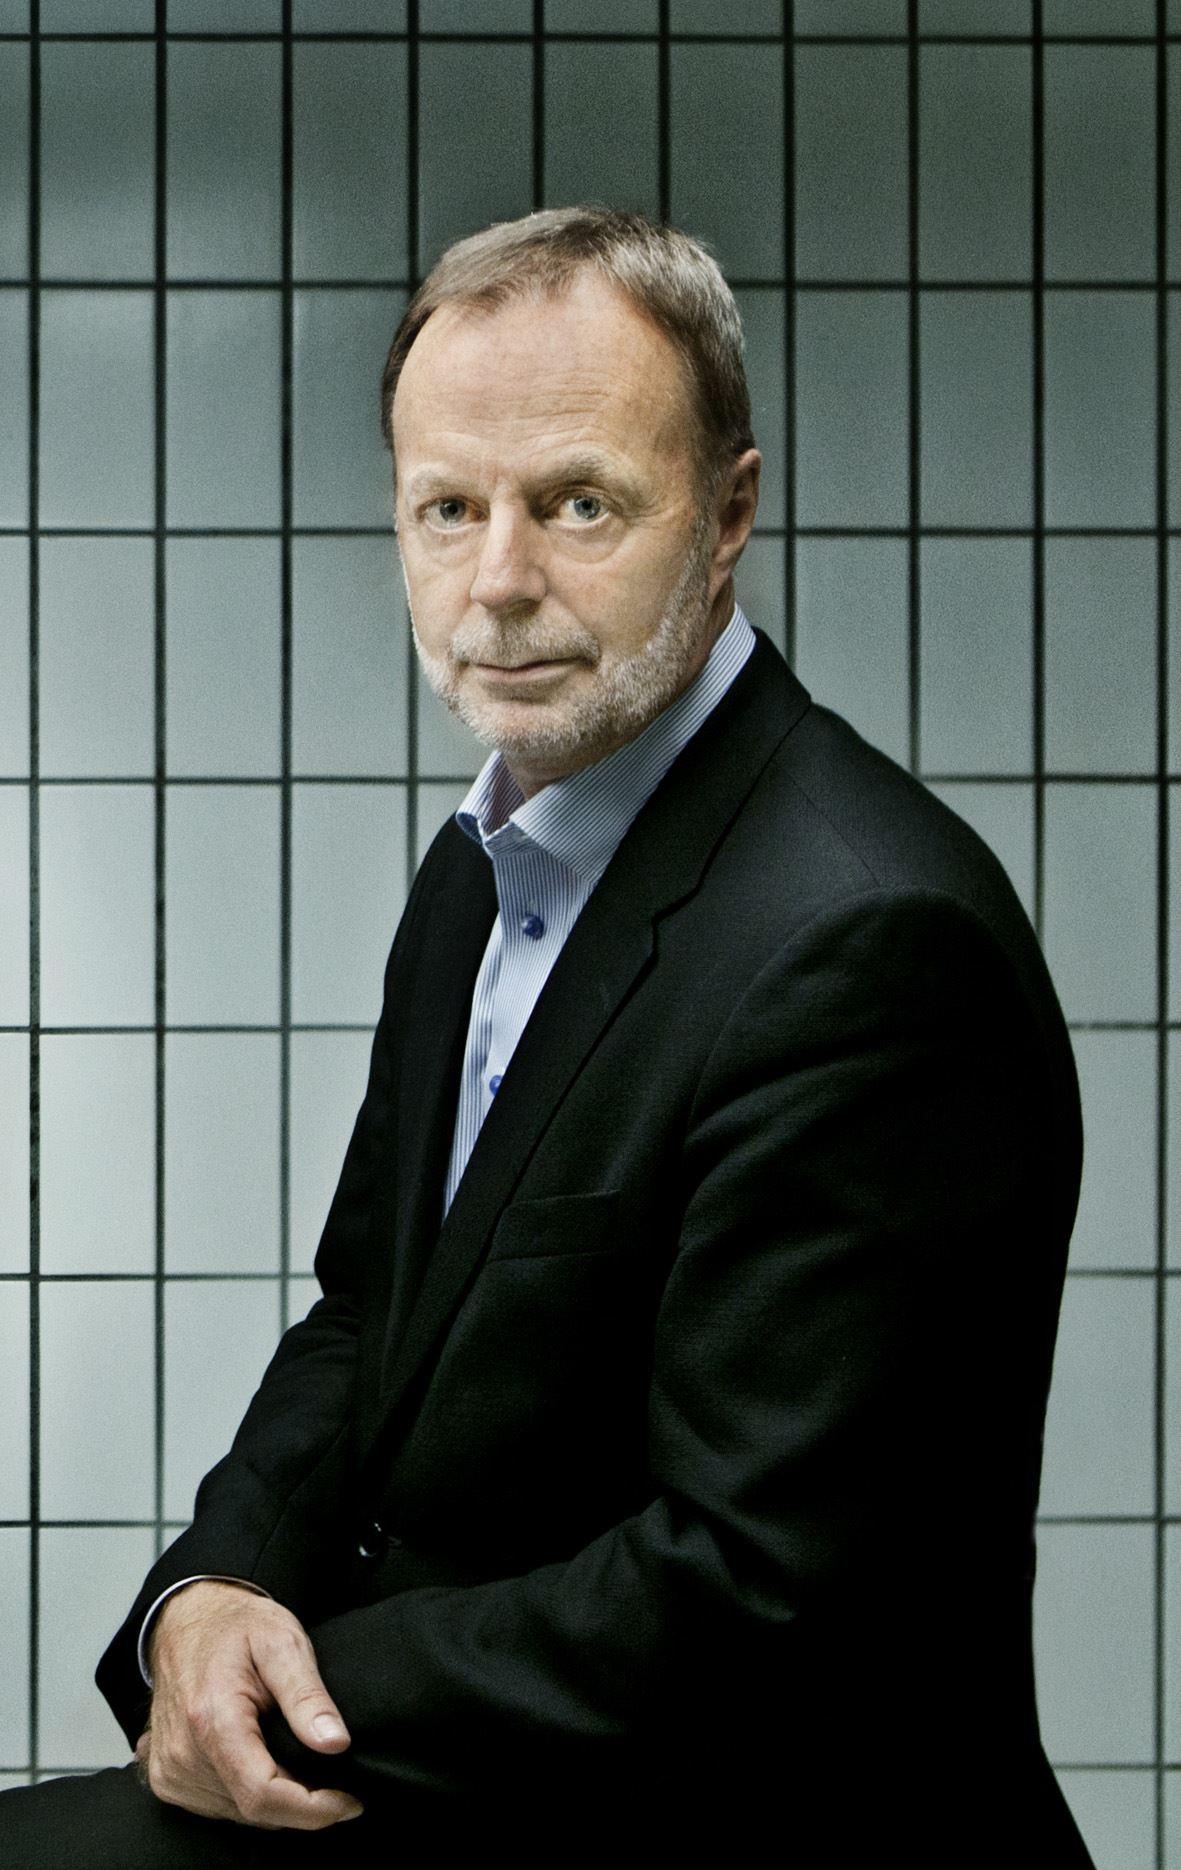 Politiinspektør Bent Isager i Marielyst